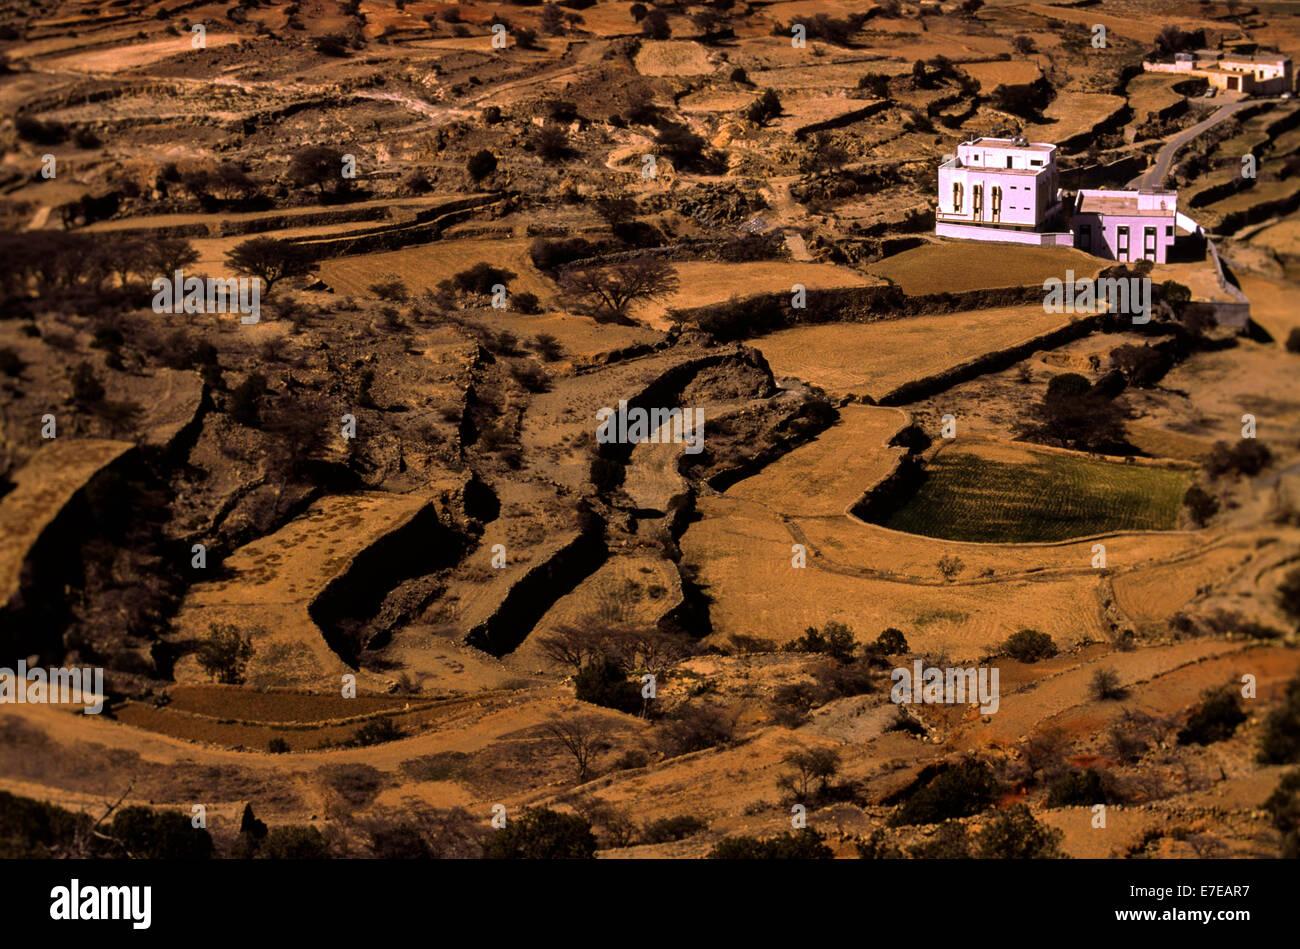 Casas rurales áridas y campos de cultivos en terrazas en asir la Arabia Saudita Imagen De Stock